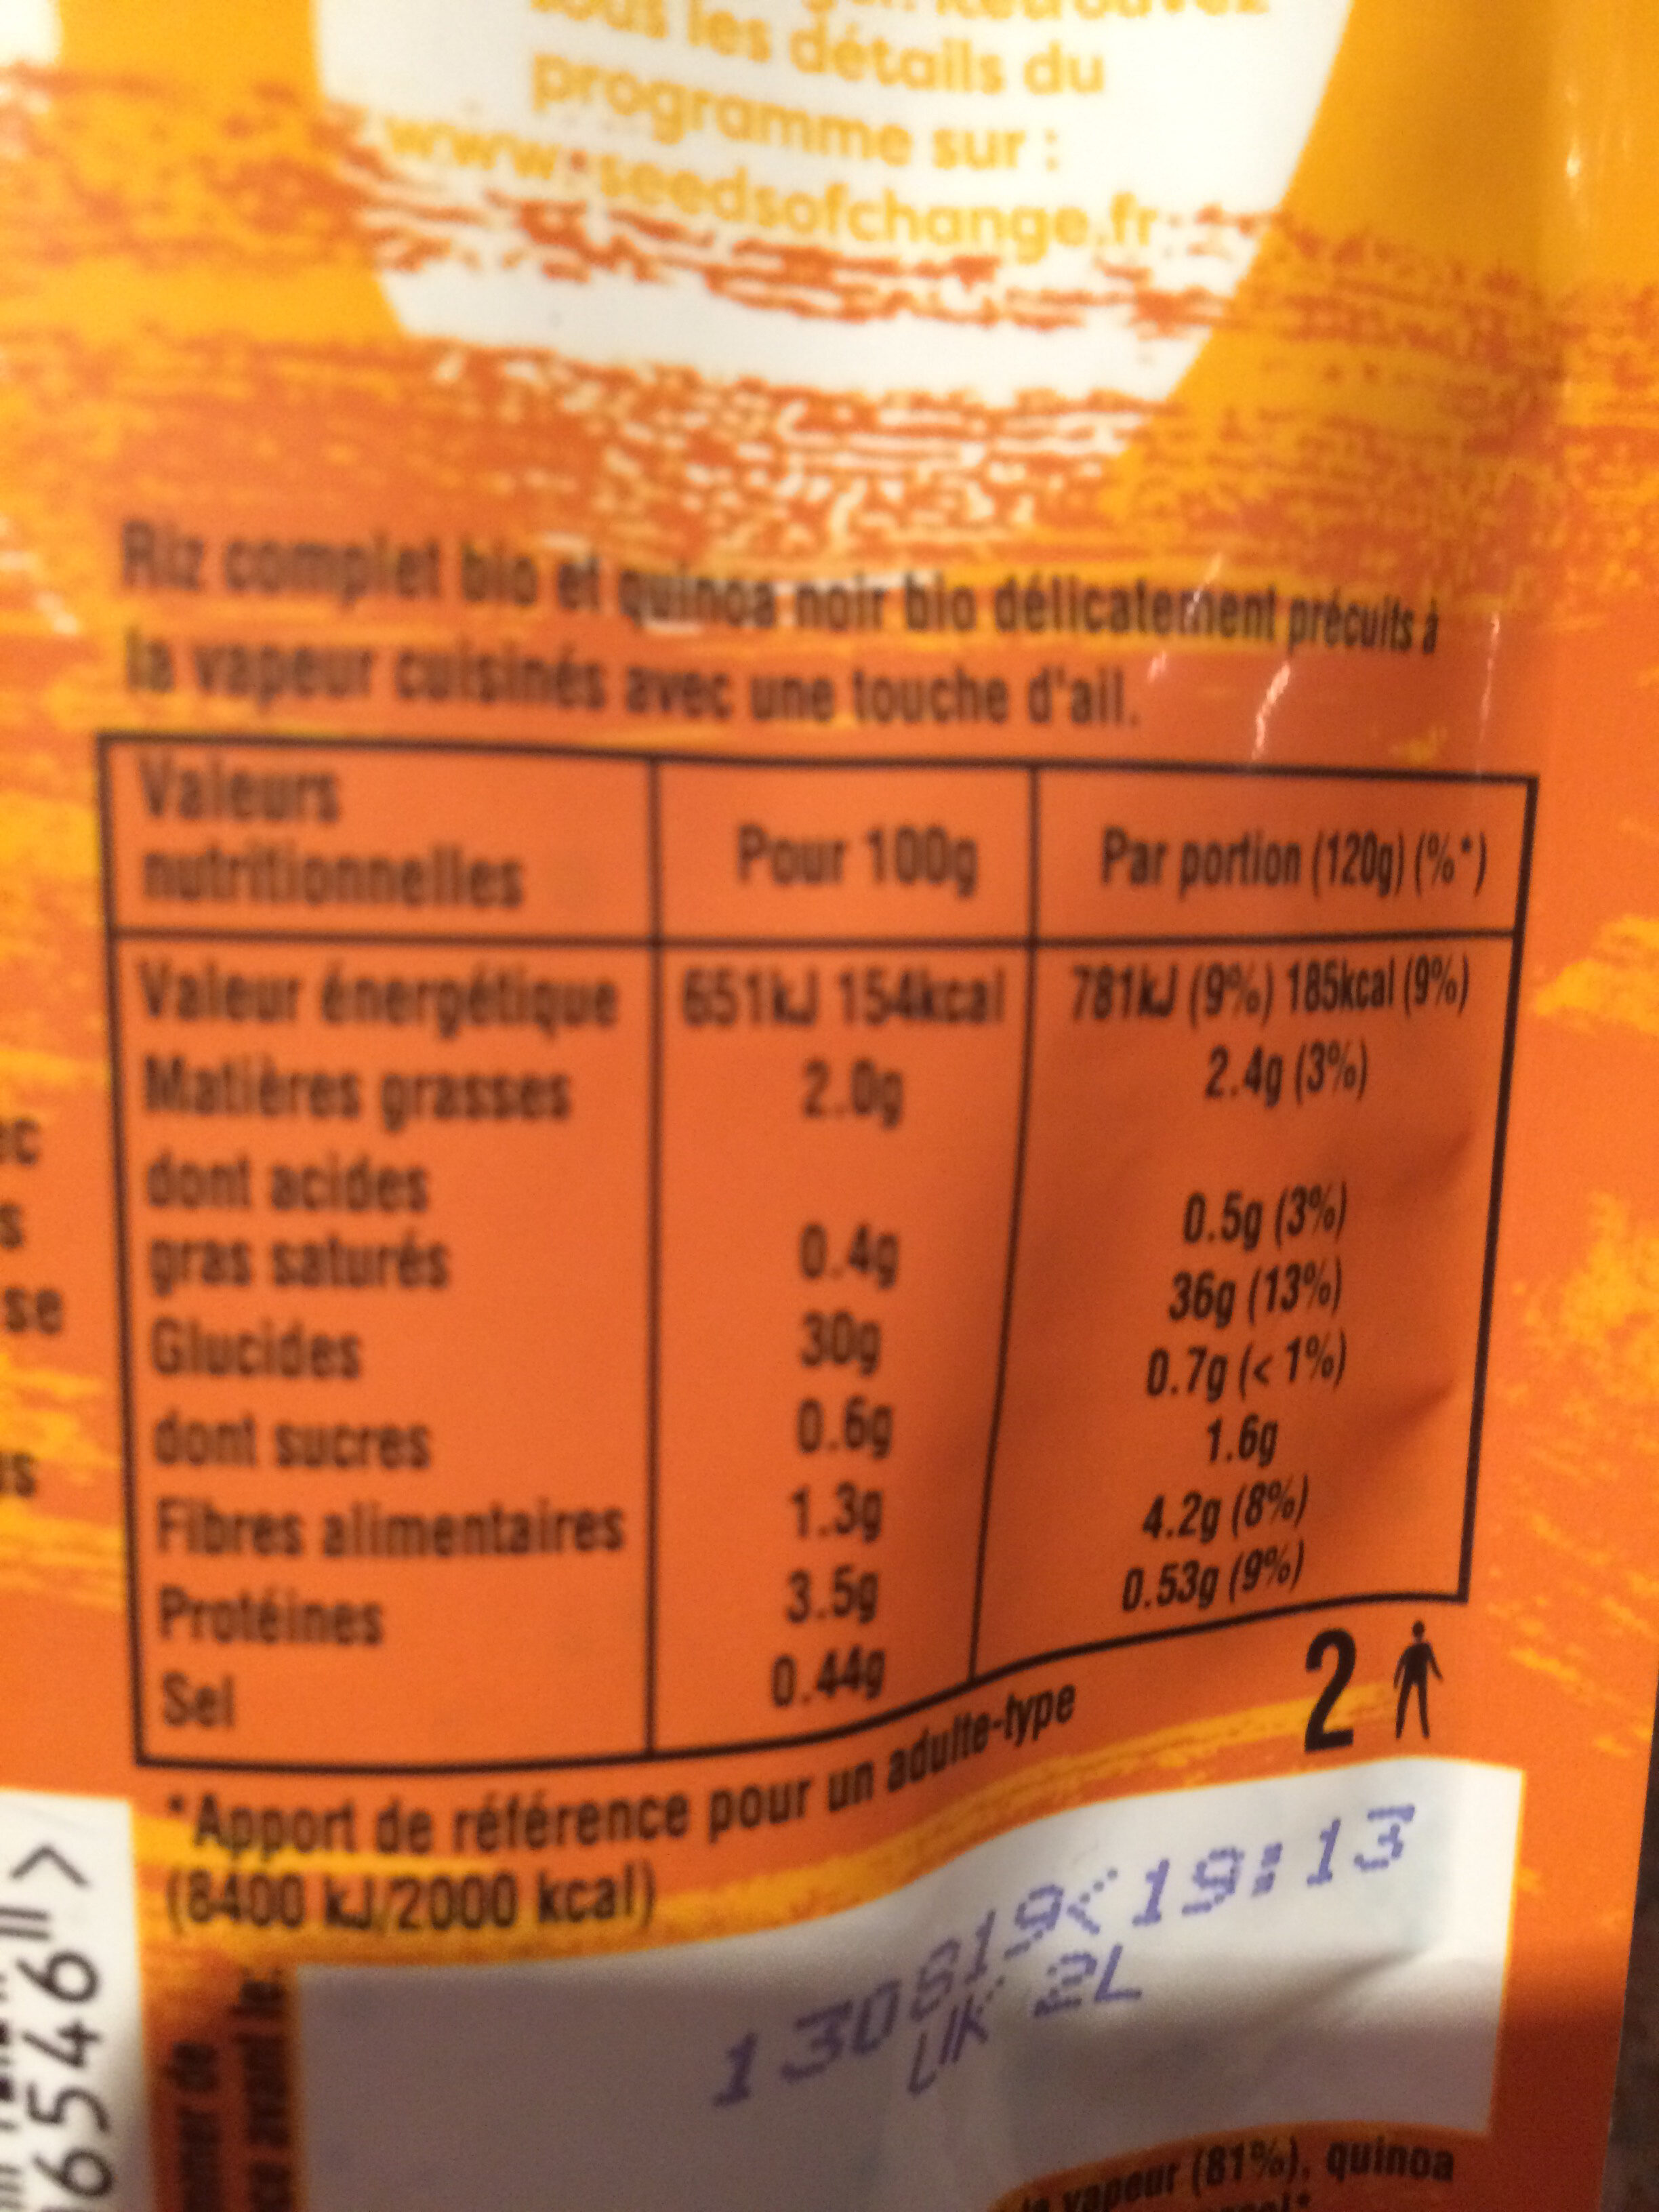 Riz complet & Quinoa - Voedingswaarden - fr